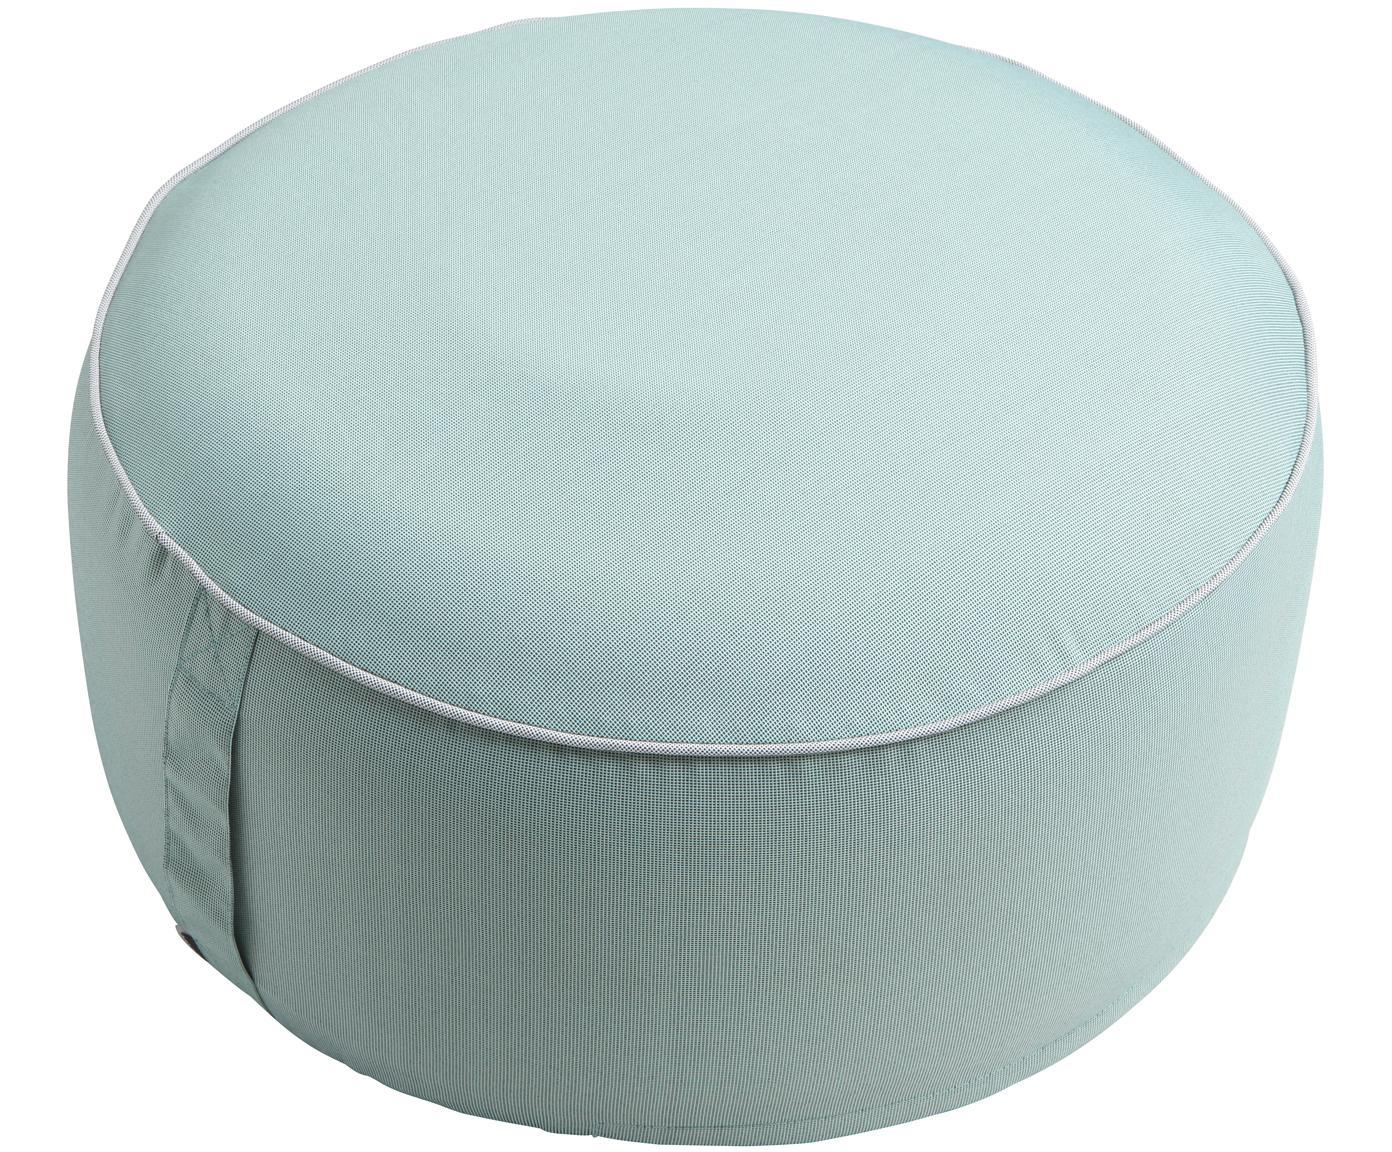 Puf de exterior Maxime, Funda: poliéster, resistente a l, Verde menta, negro, Ø 55 x Al 25 cm